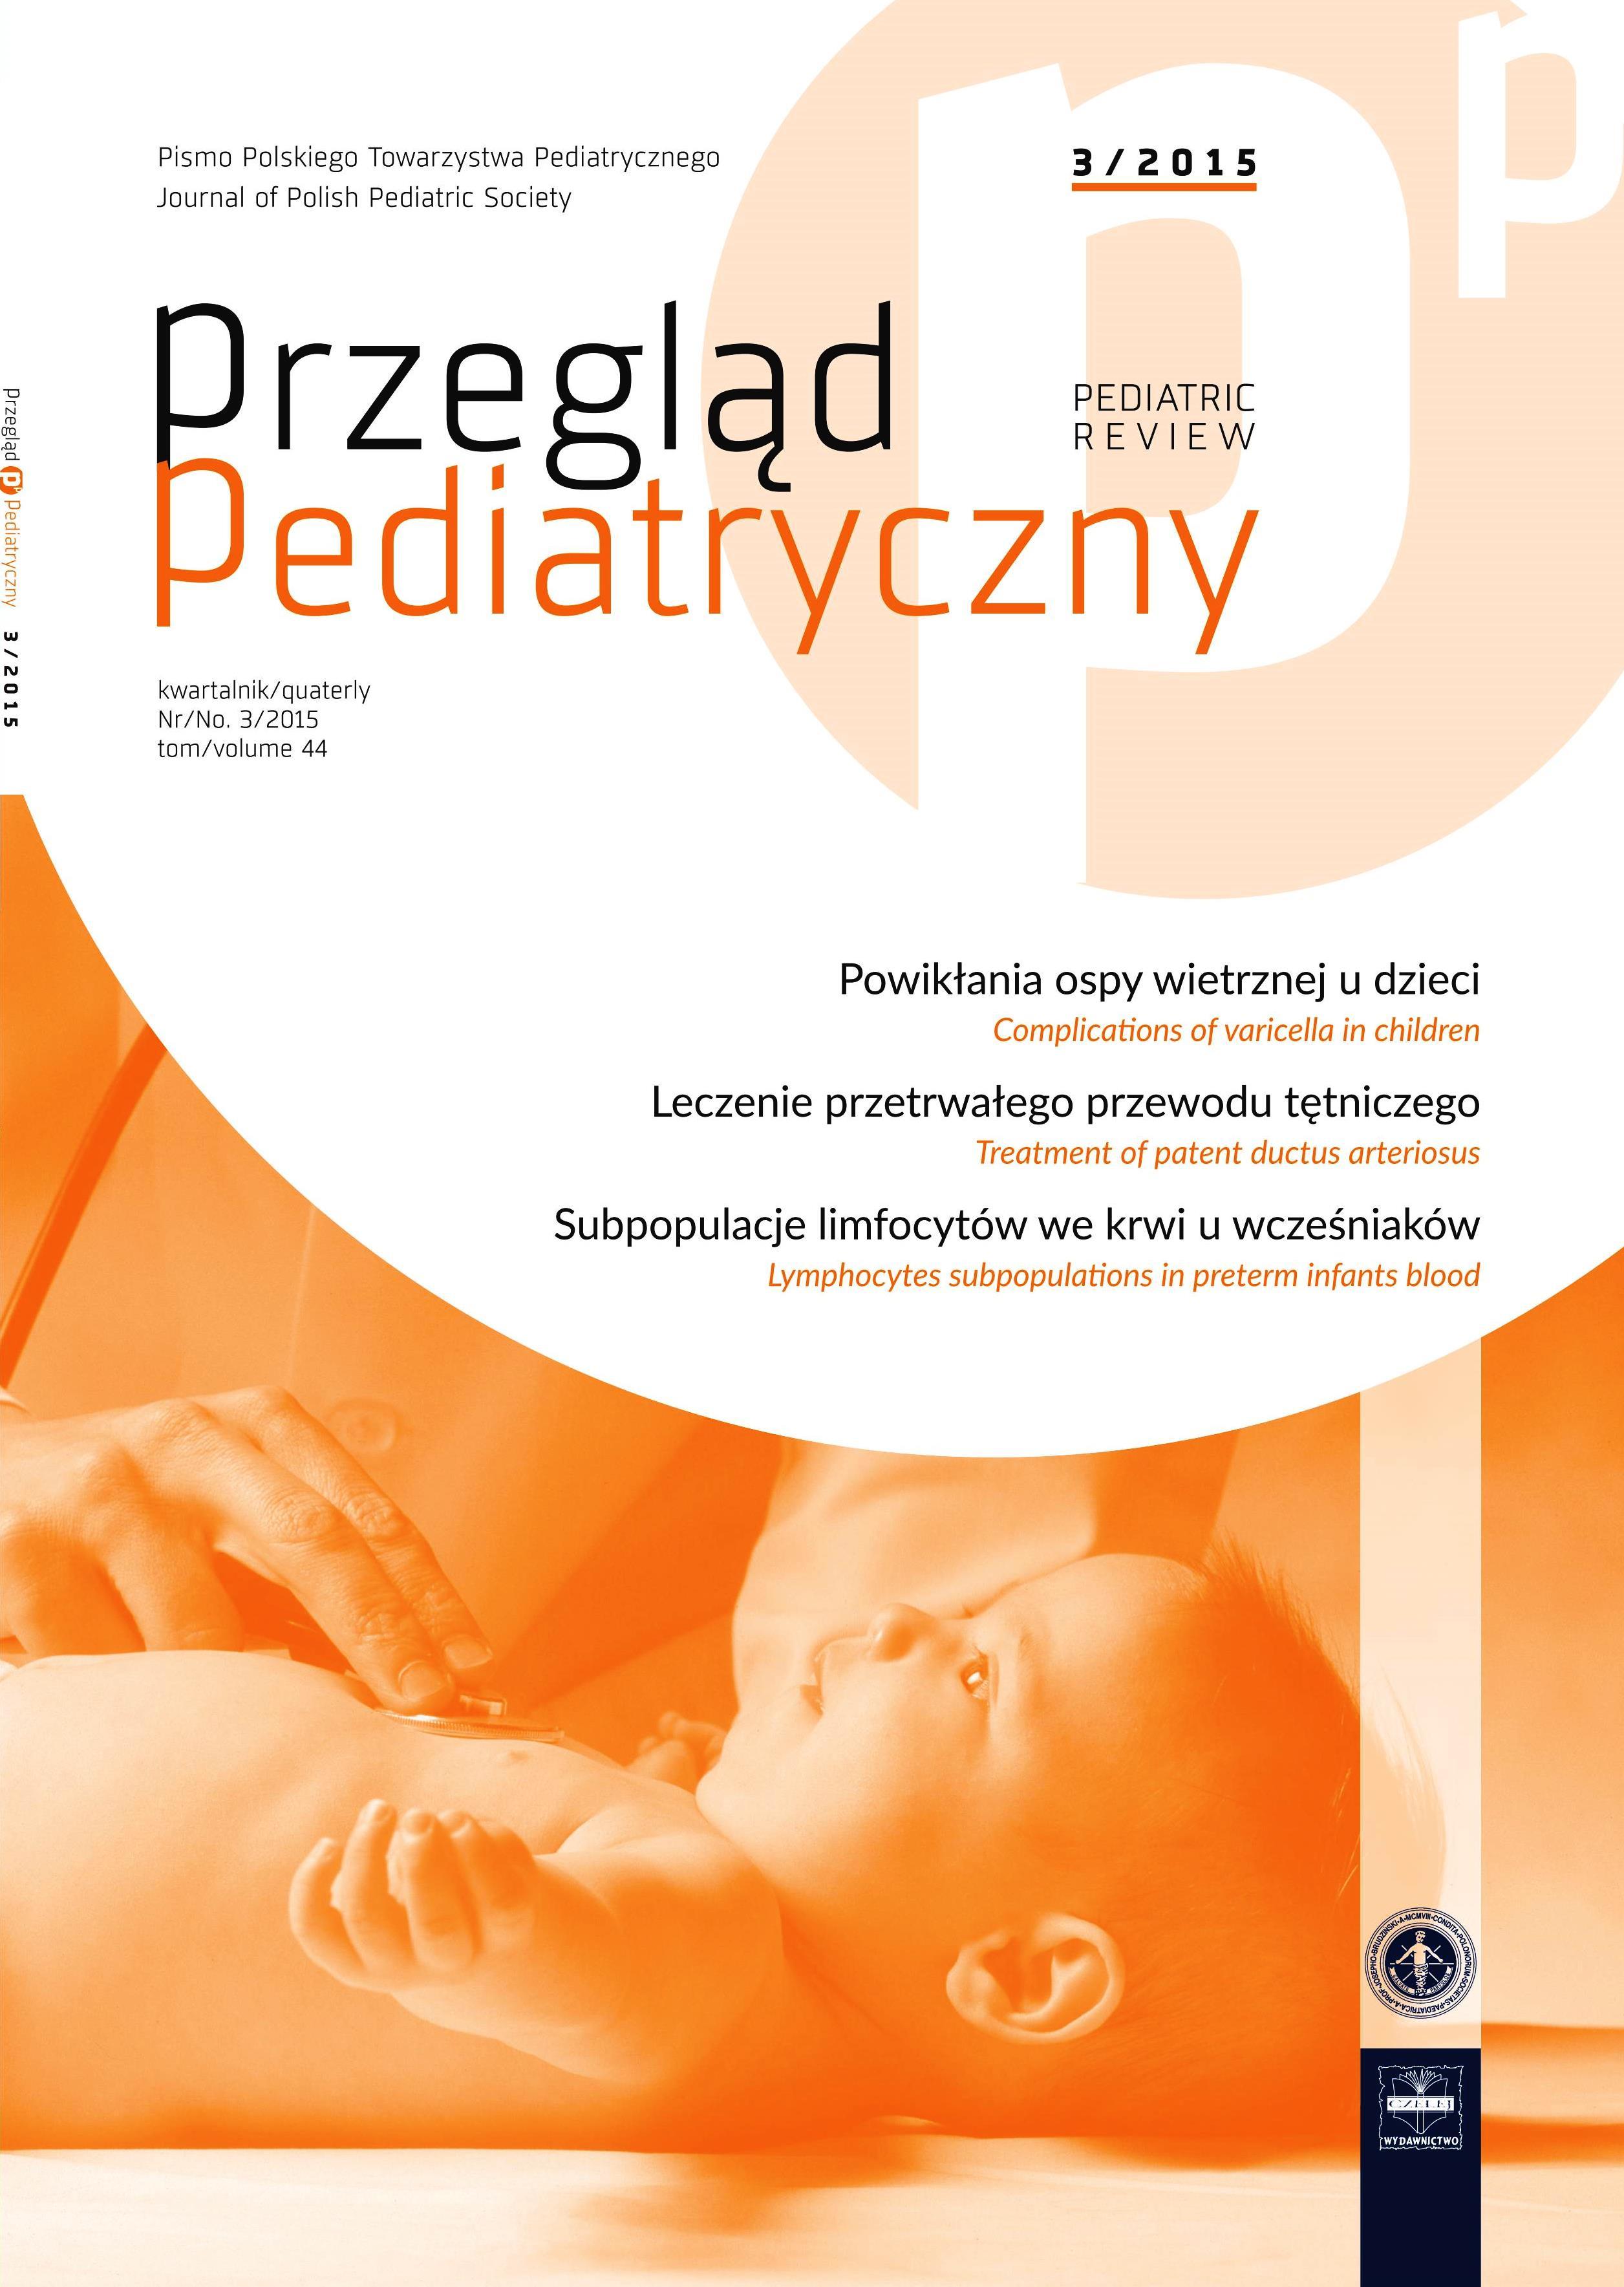 Przegląd Pediatryczny 3/2015